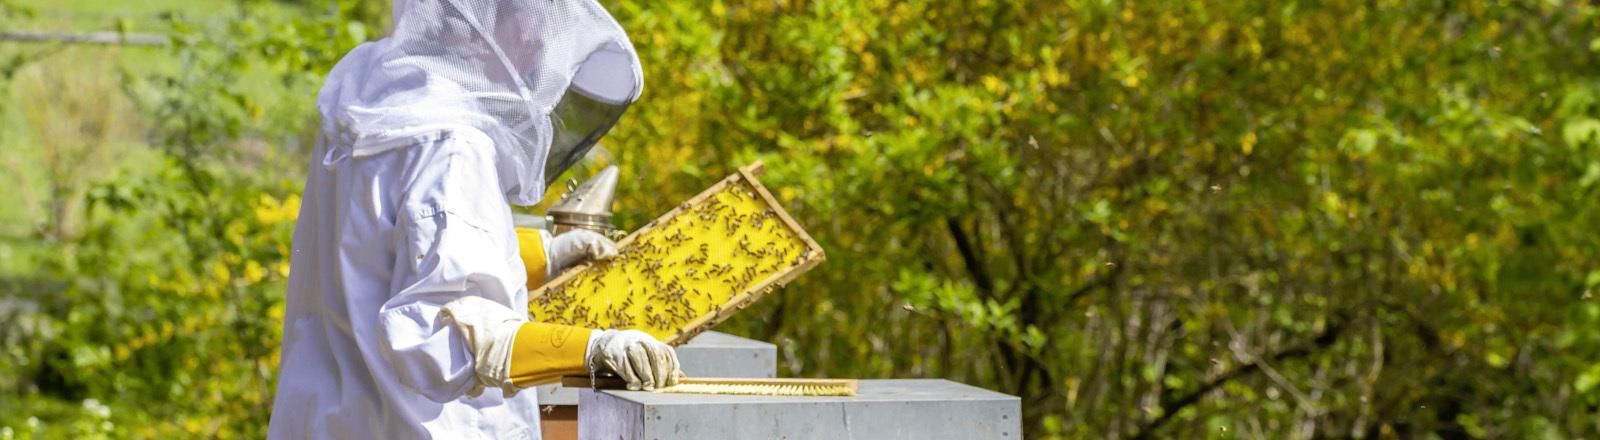 Imker bei der Pflege eines Bienenvolks